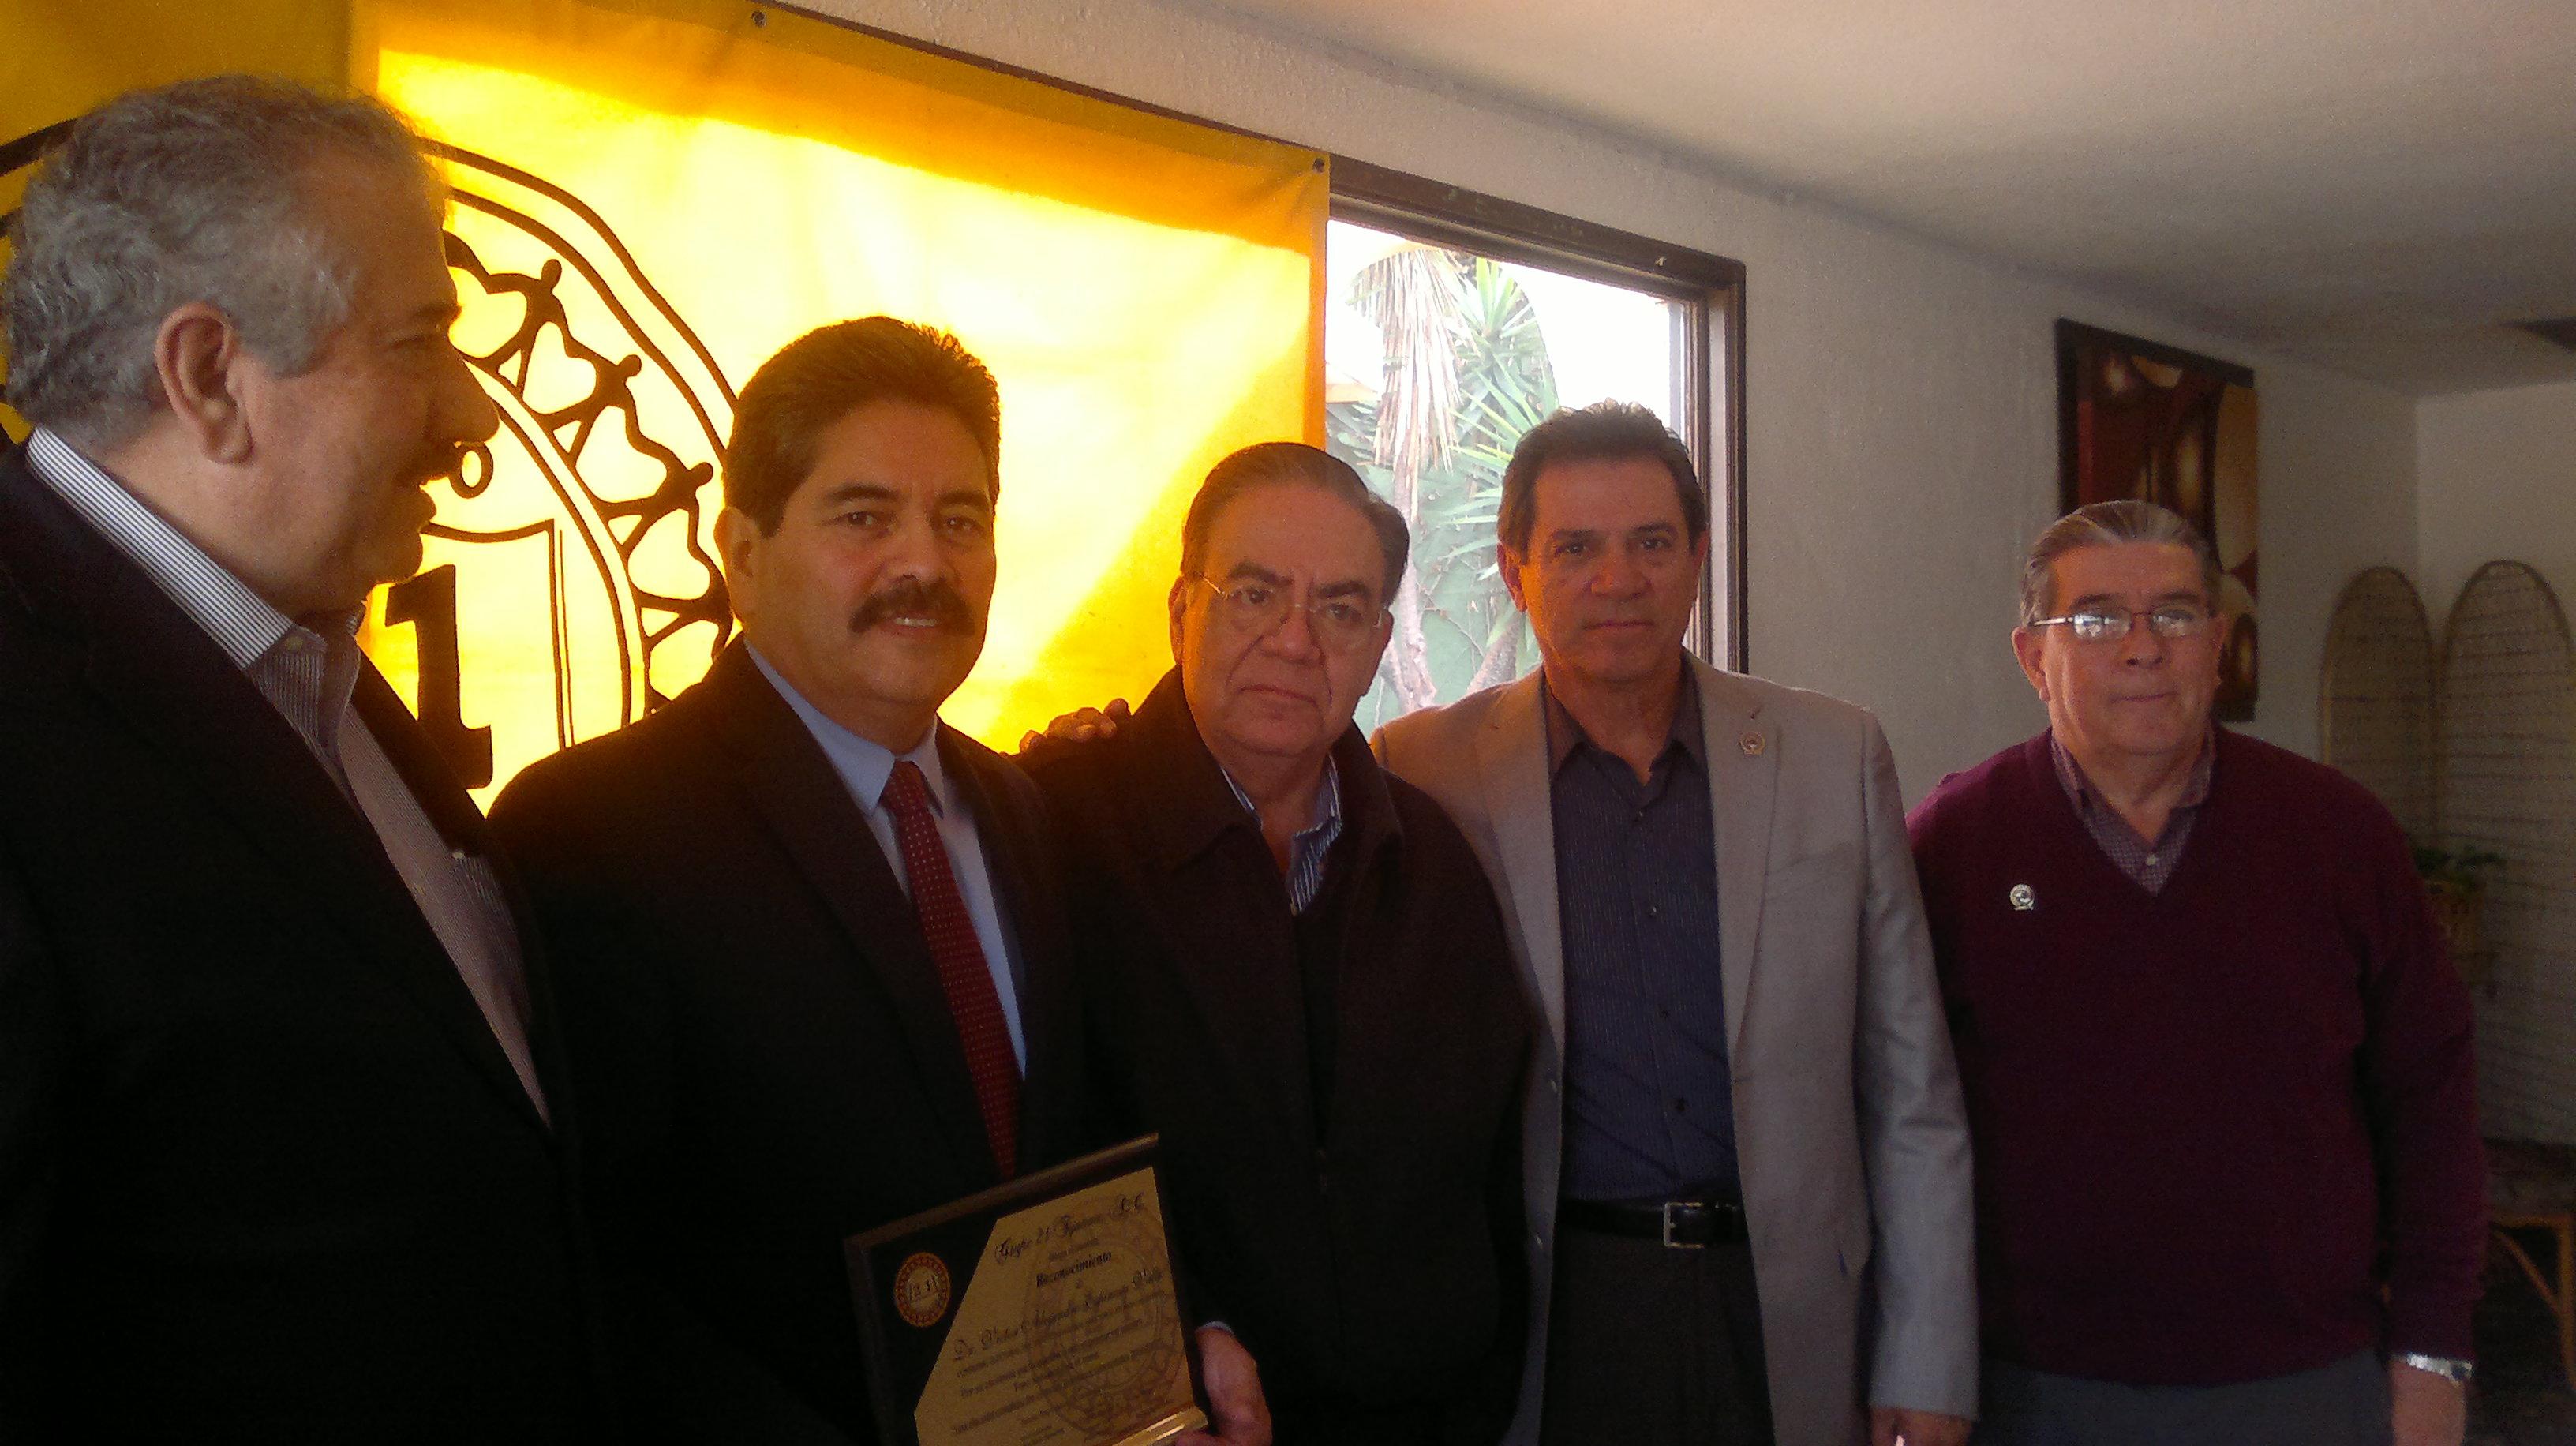 Elección 2015 será compleja pero estructura de INE está probada: Alejandro Espinoza